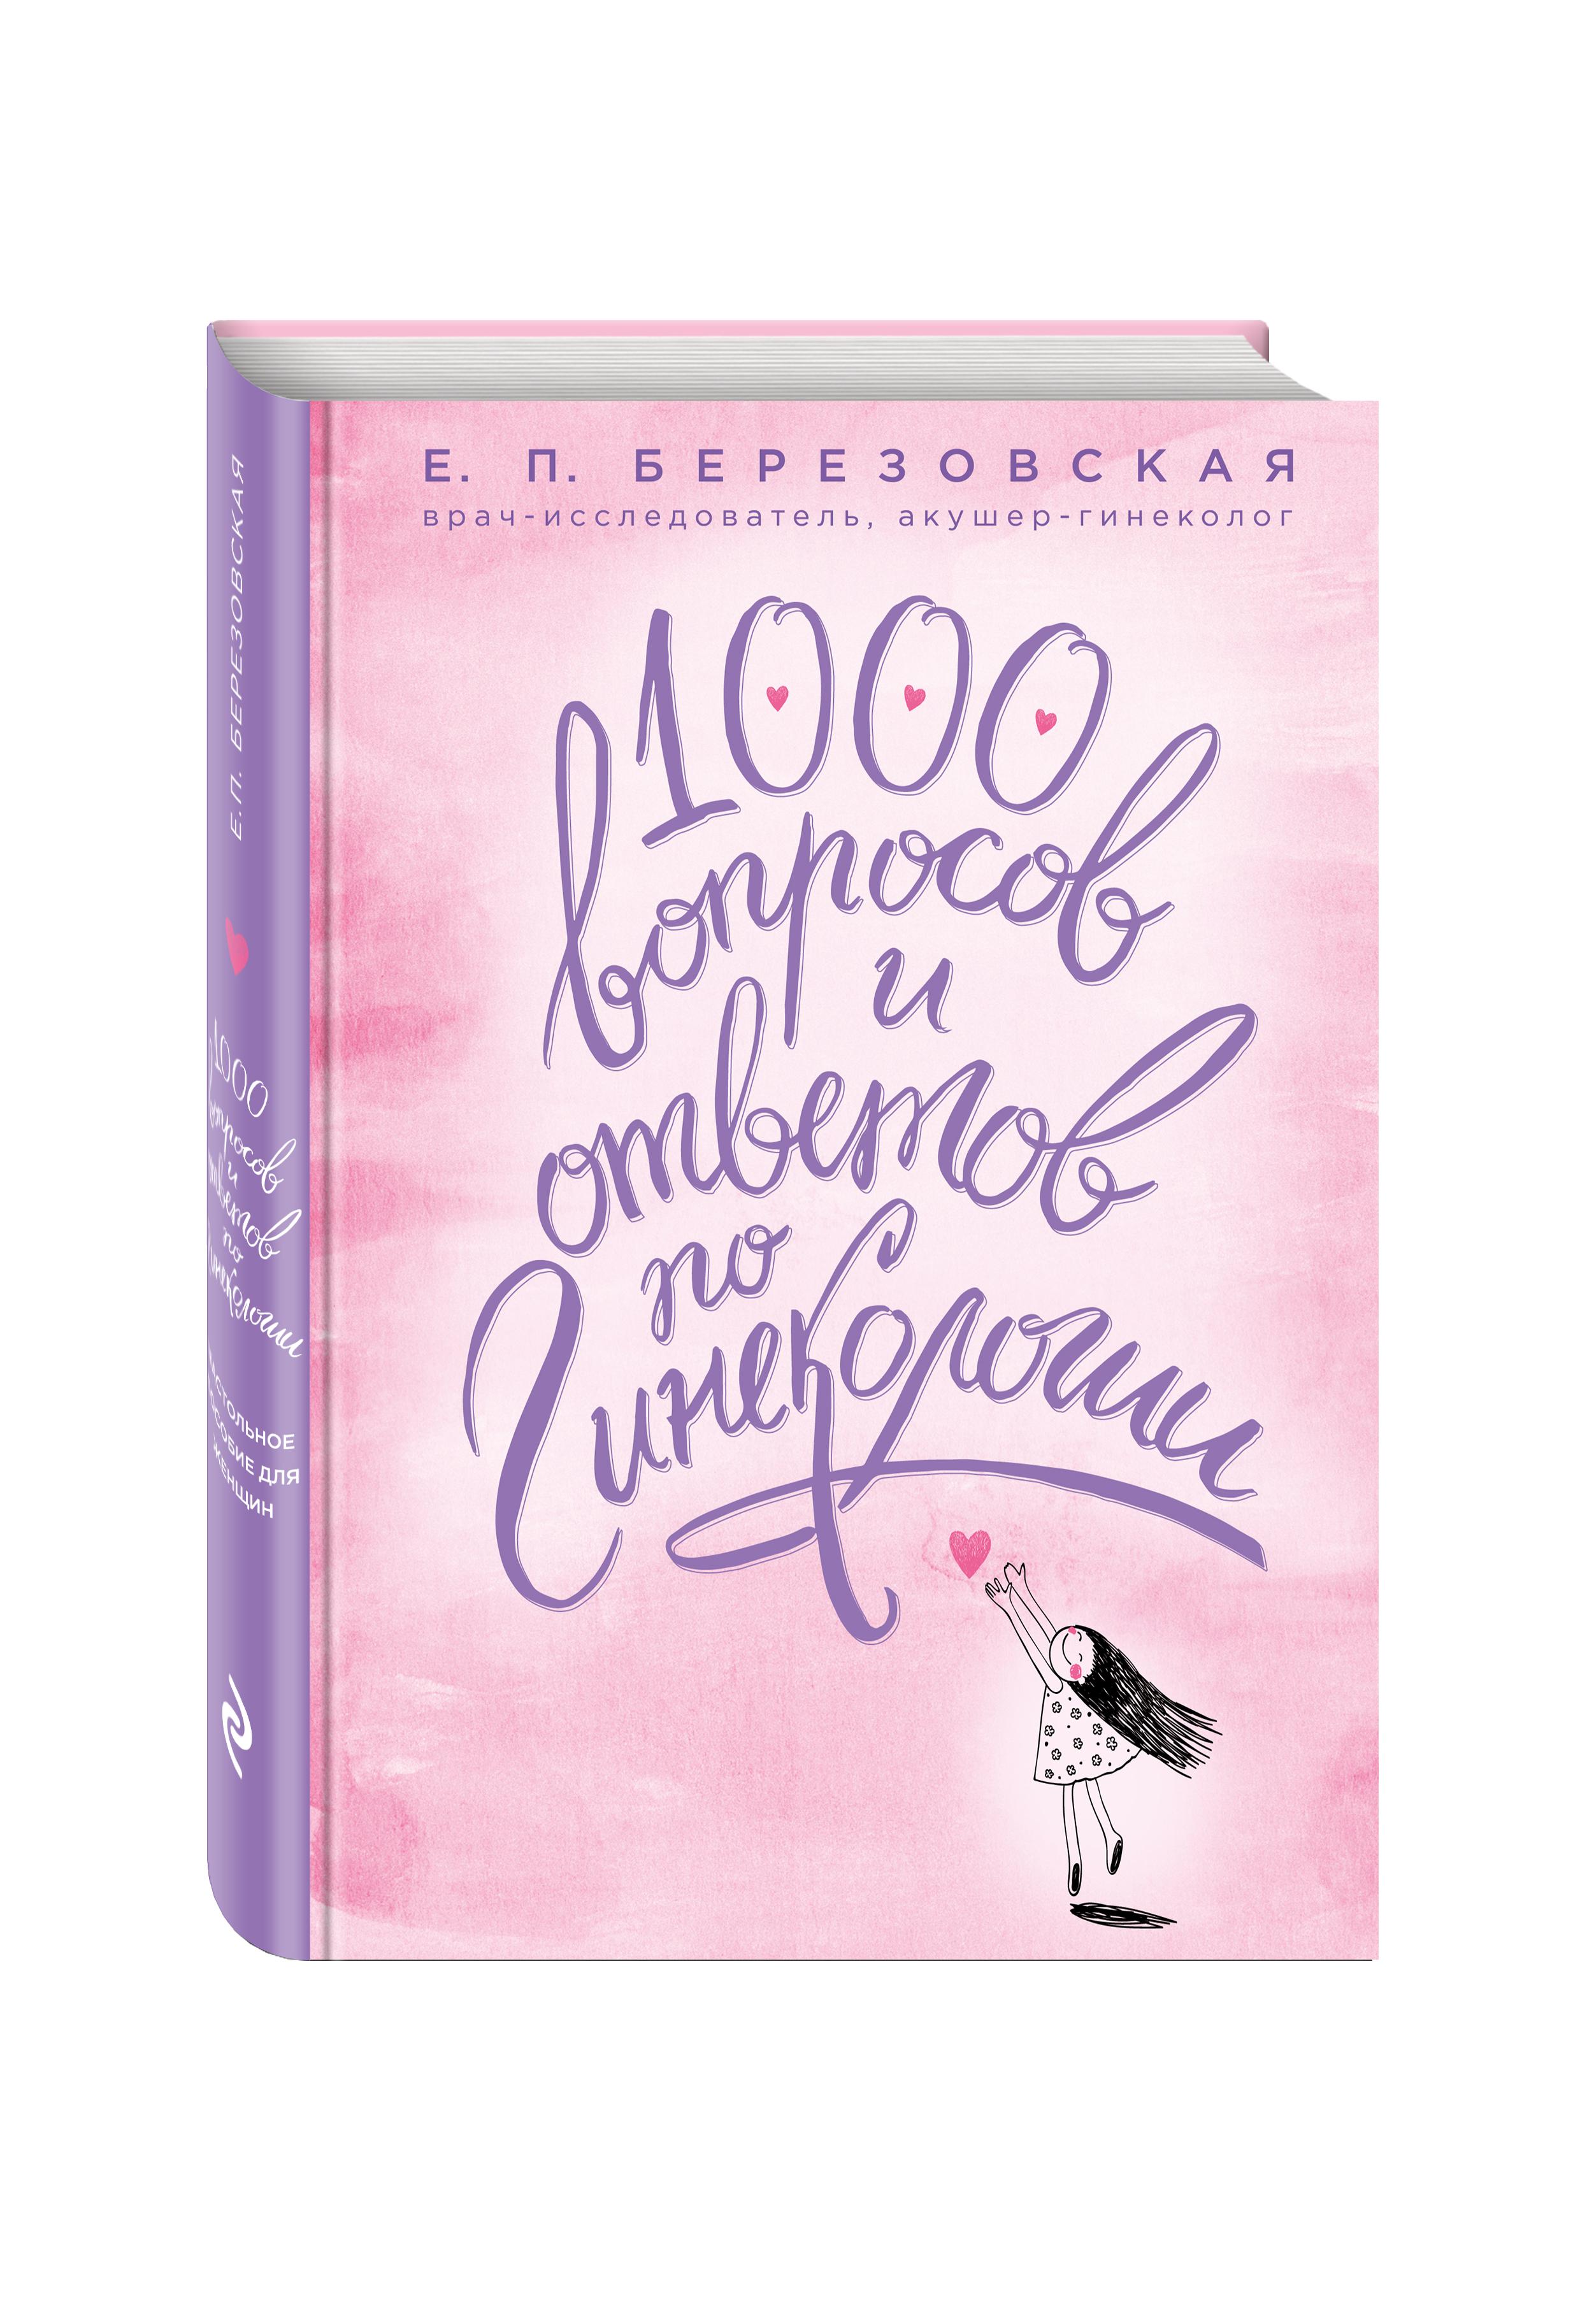 Березовская Е.П. 1000 вопросов и ответов по гинекологии уроки женского здоровья dvd